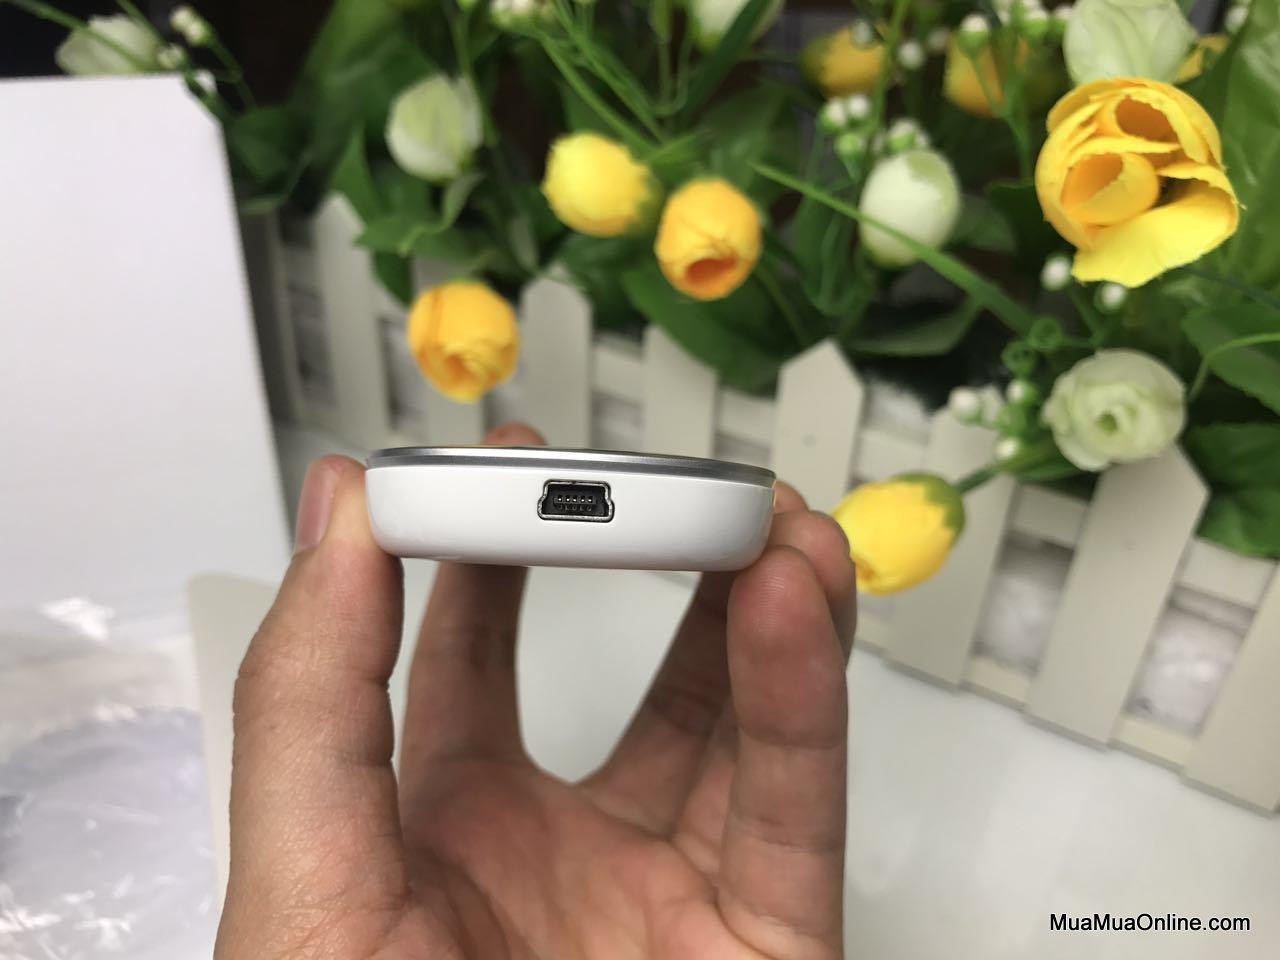 Bộ Phát Wifi Từ Sim 3G Softbank C01Hw Tốc Độ Cao Hàng Nhật Cao Cấp